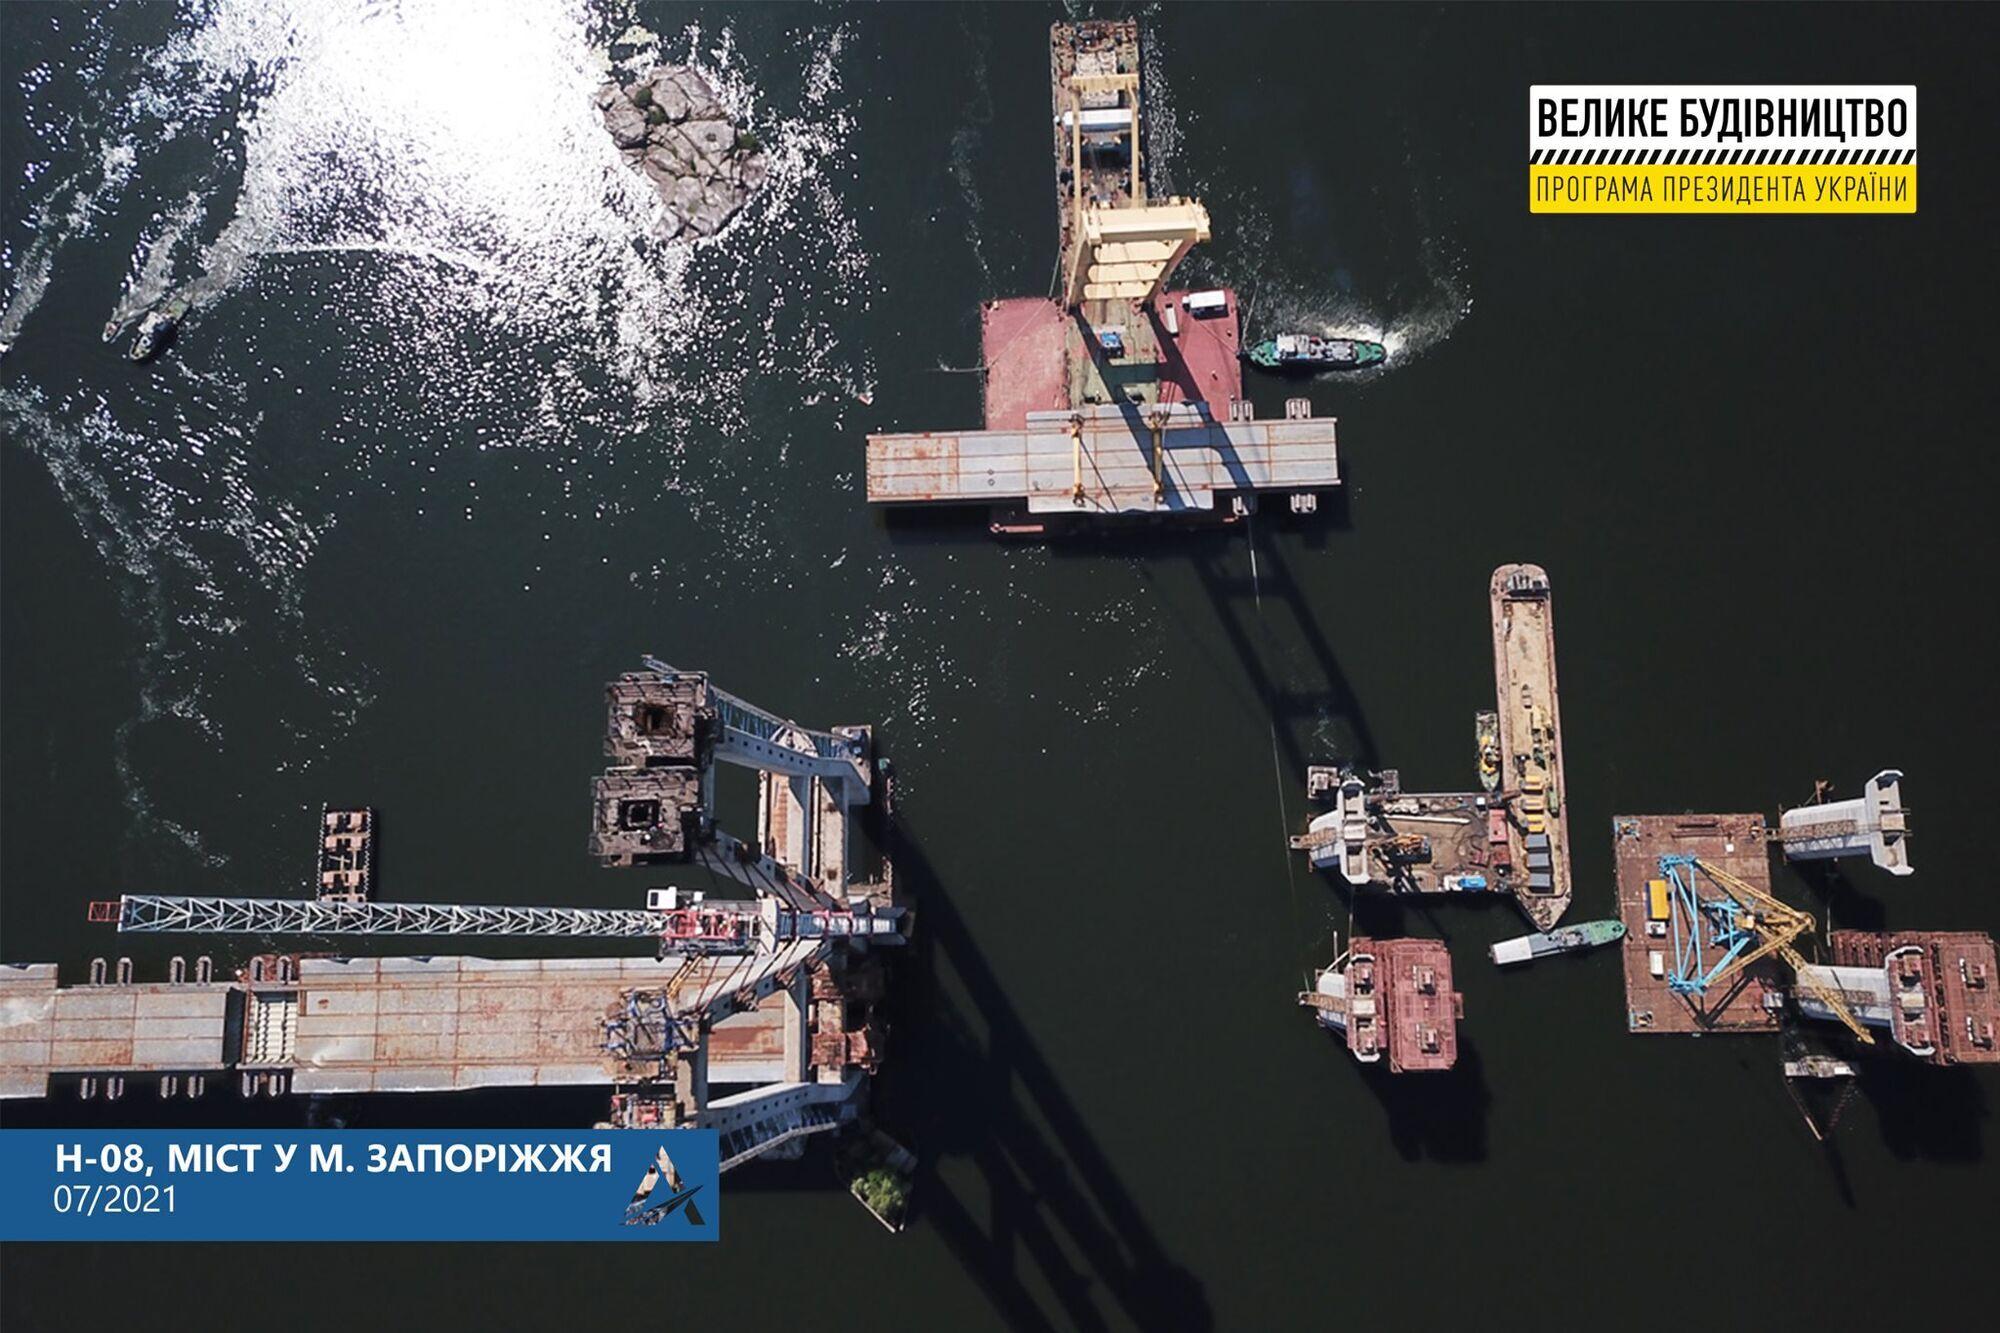 Мостостроители приступили к монтажу уже четвертой секции пролетного строения